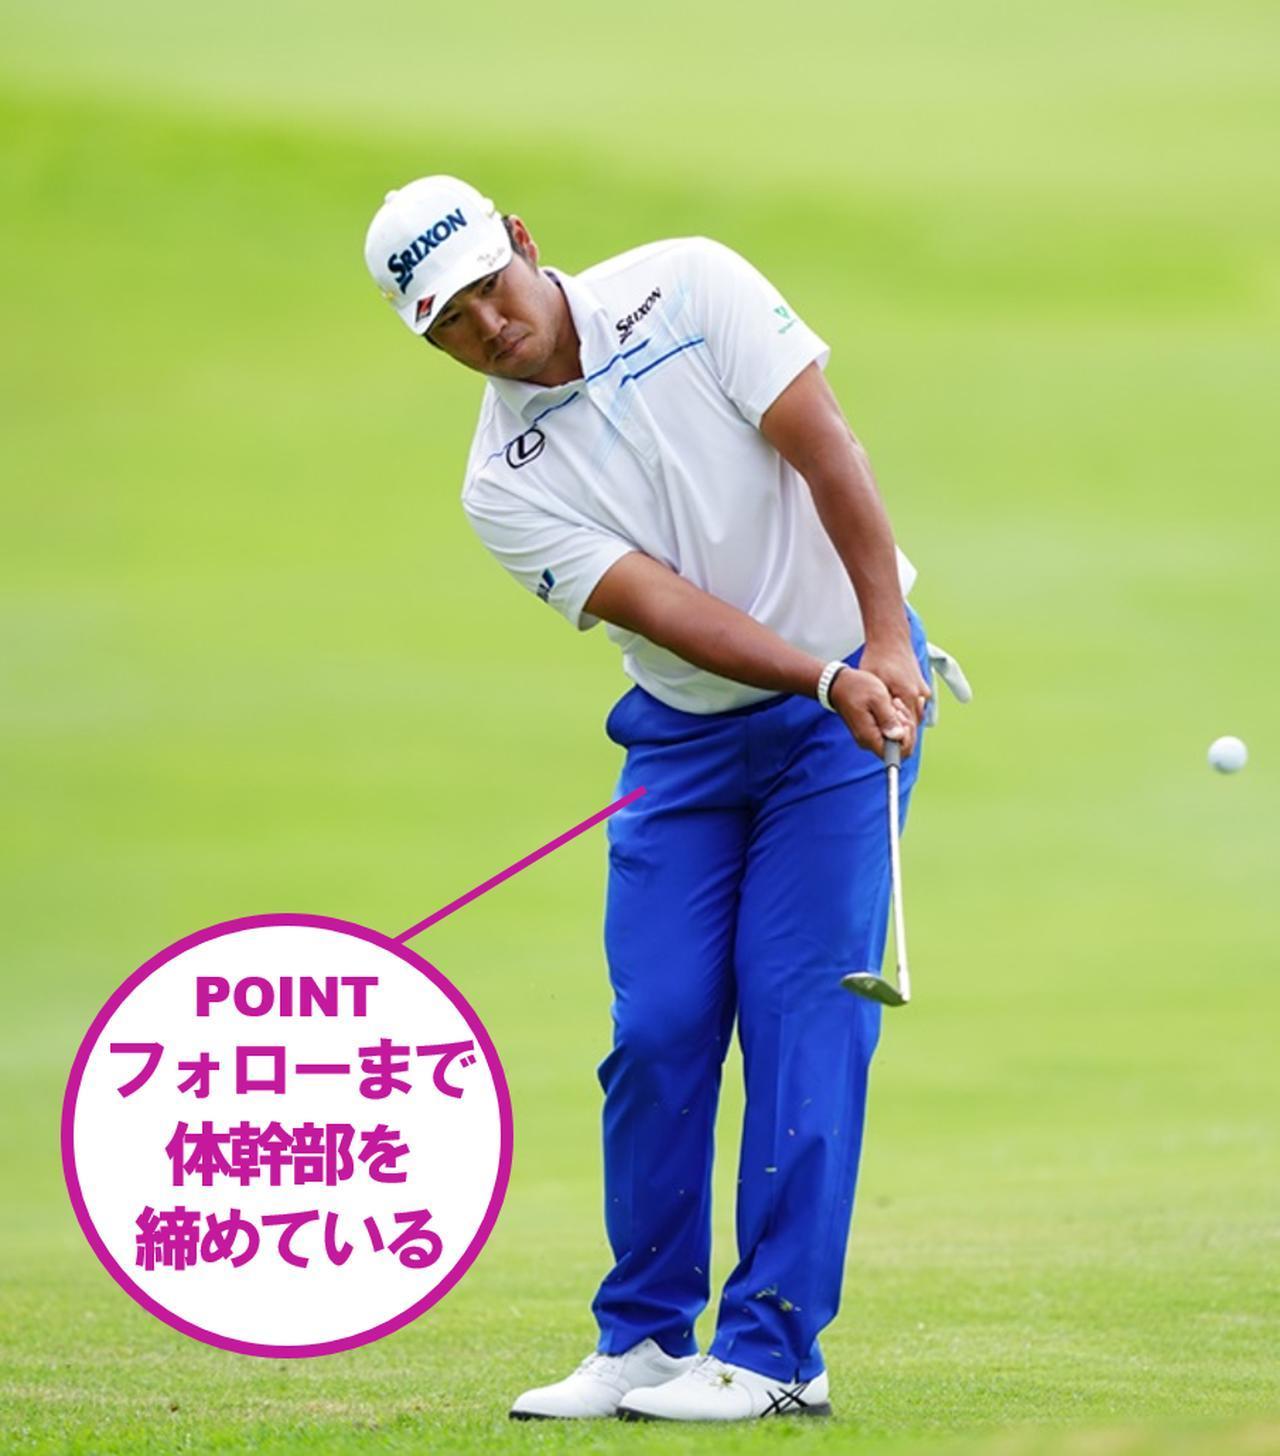 画像12: 【ZOZO選手権】本場PGAツアーがやってくる。解説陣が語る「世界のトップのココを見よ!」タイガー、マキロイ、デイ、バッバ……